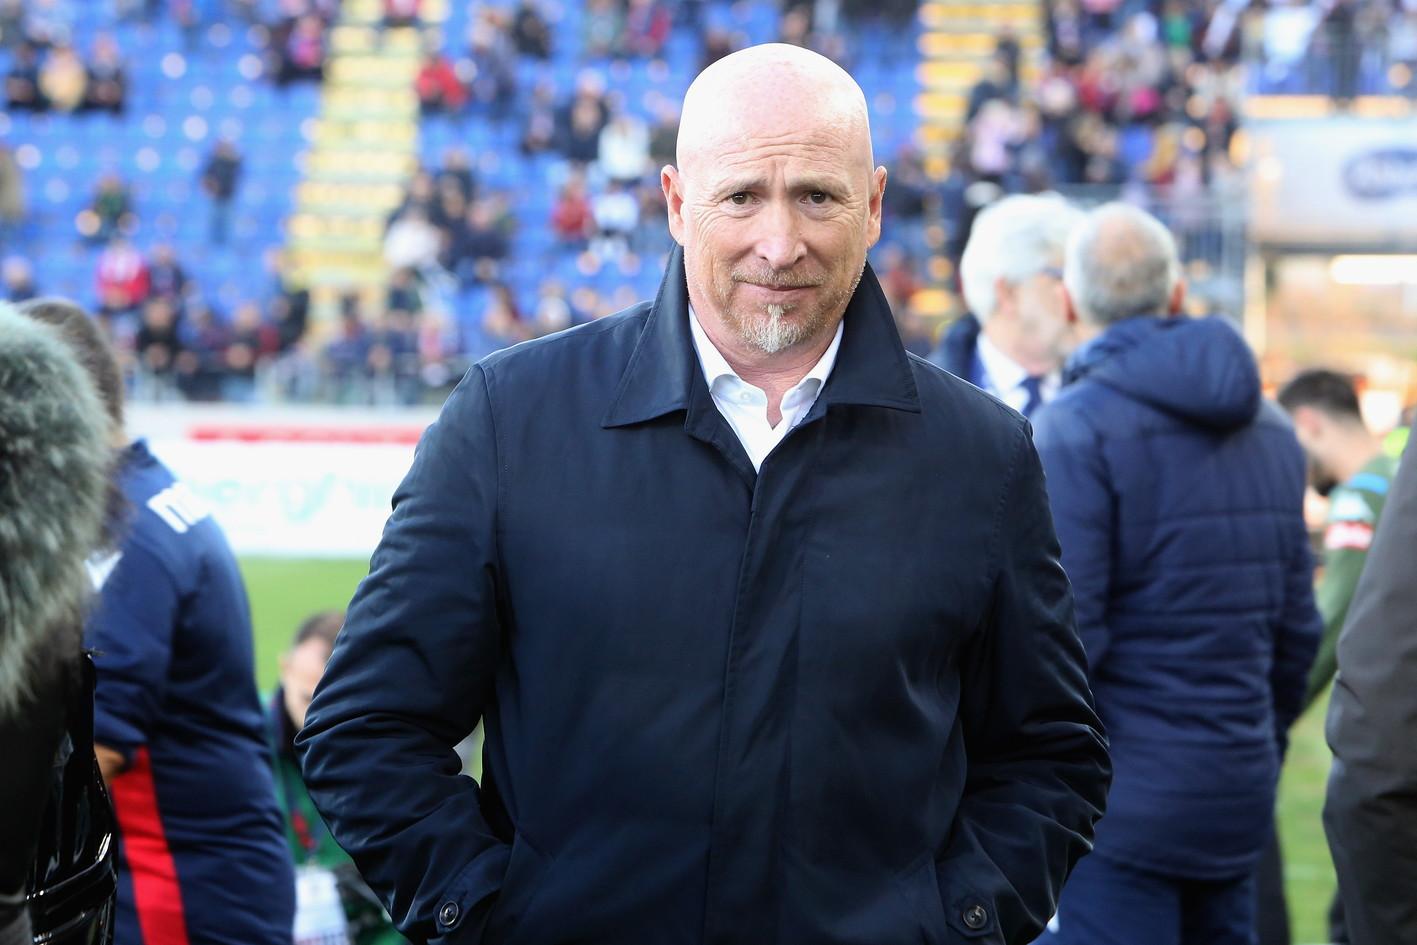 Con l'esonero di Rolando Maran da parte del Cagliari, sale a 13 il numero delle panchine saltate in appena 26 giornate del campionato di calcio di...